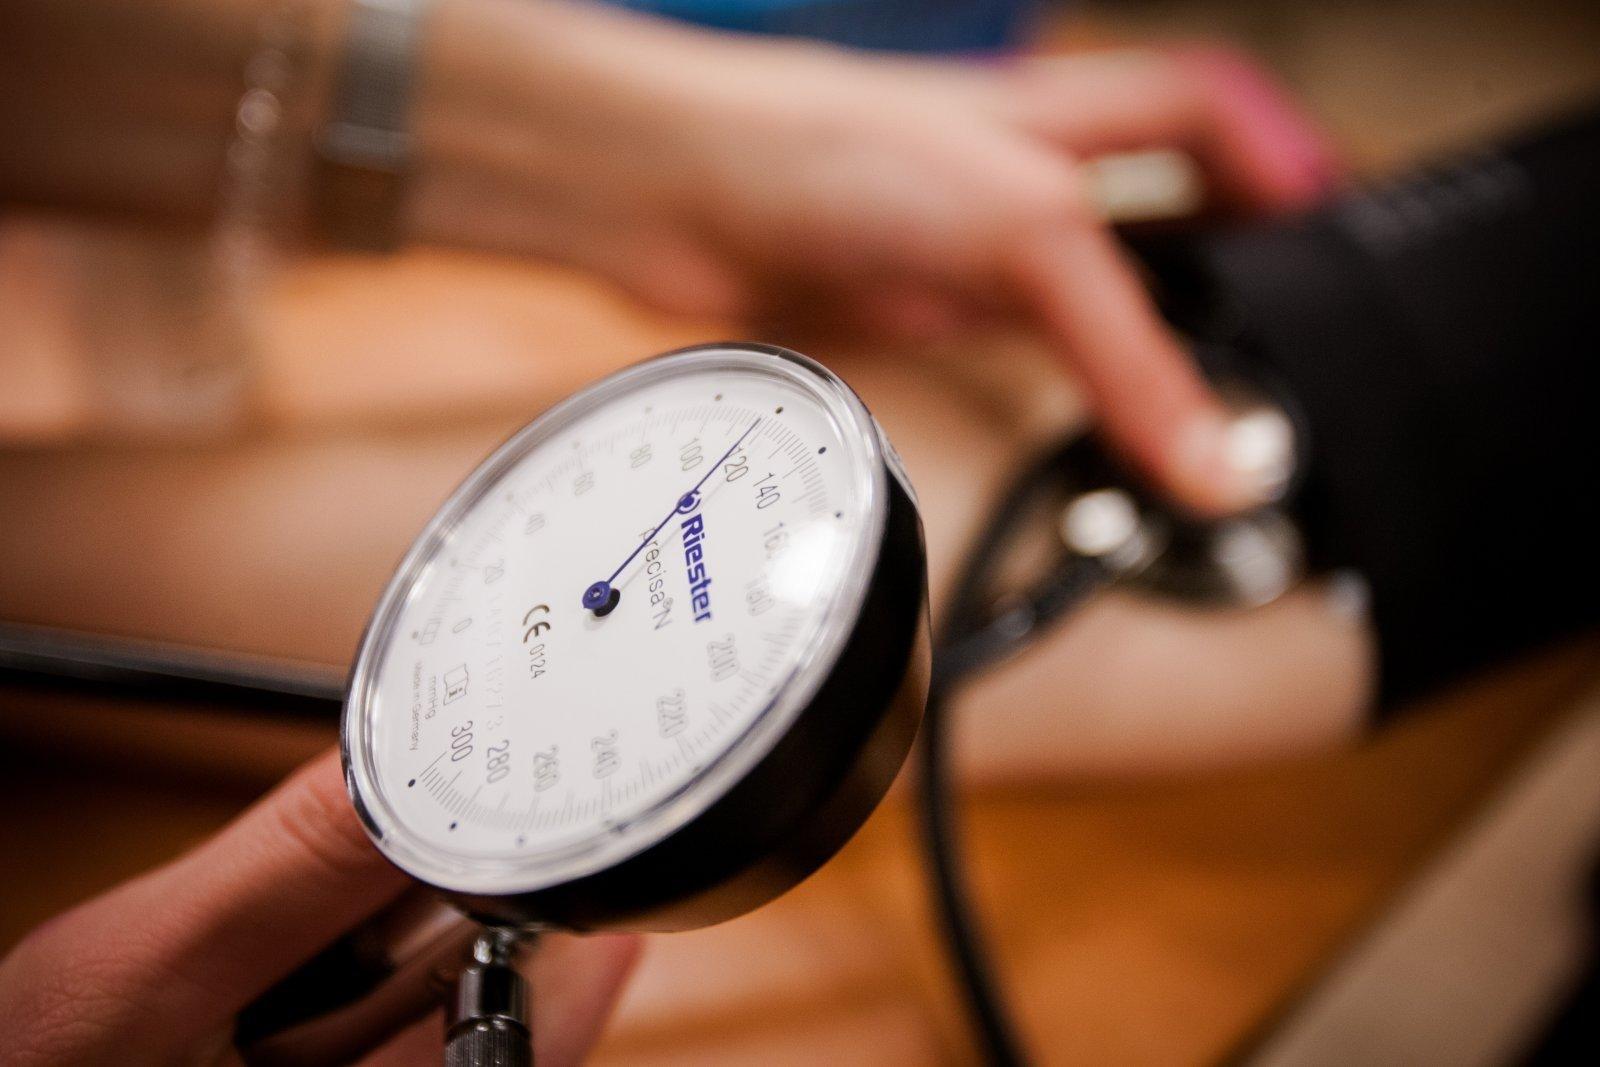 kaip galite kovoti su hipertenzija be vaistų)